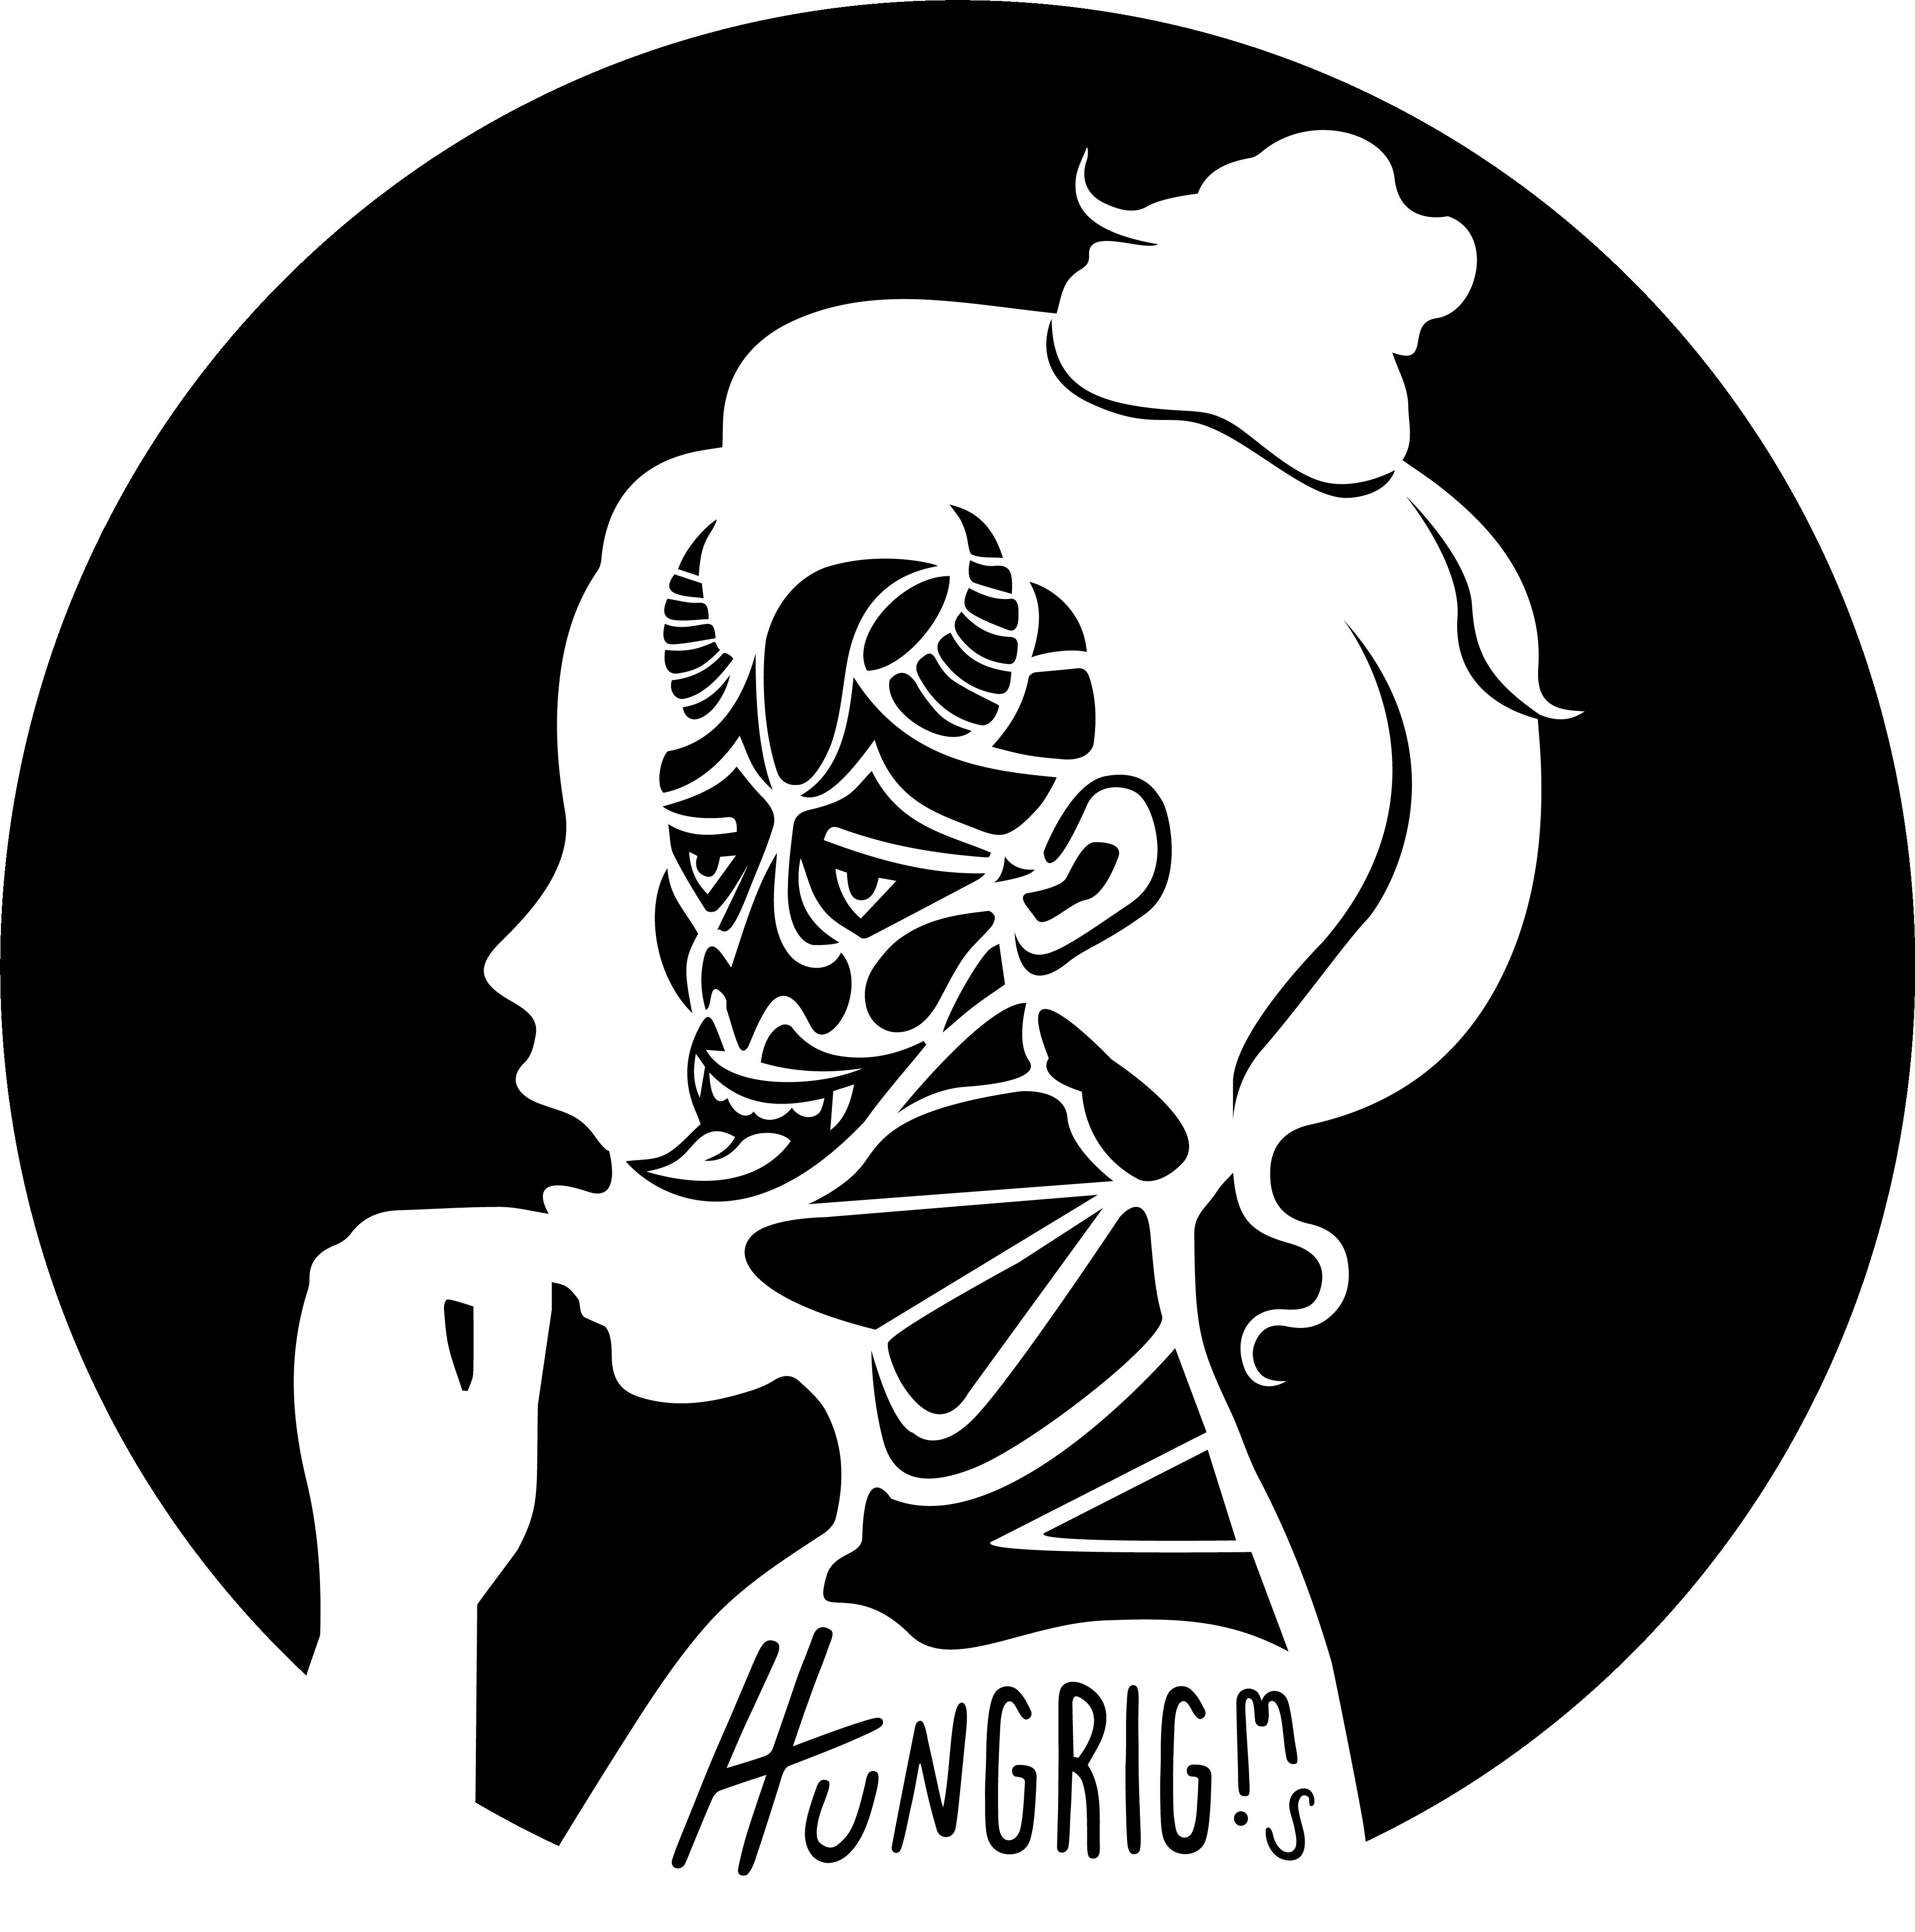 Hungrig.ms-Lieferdienst-Logo